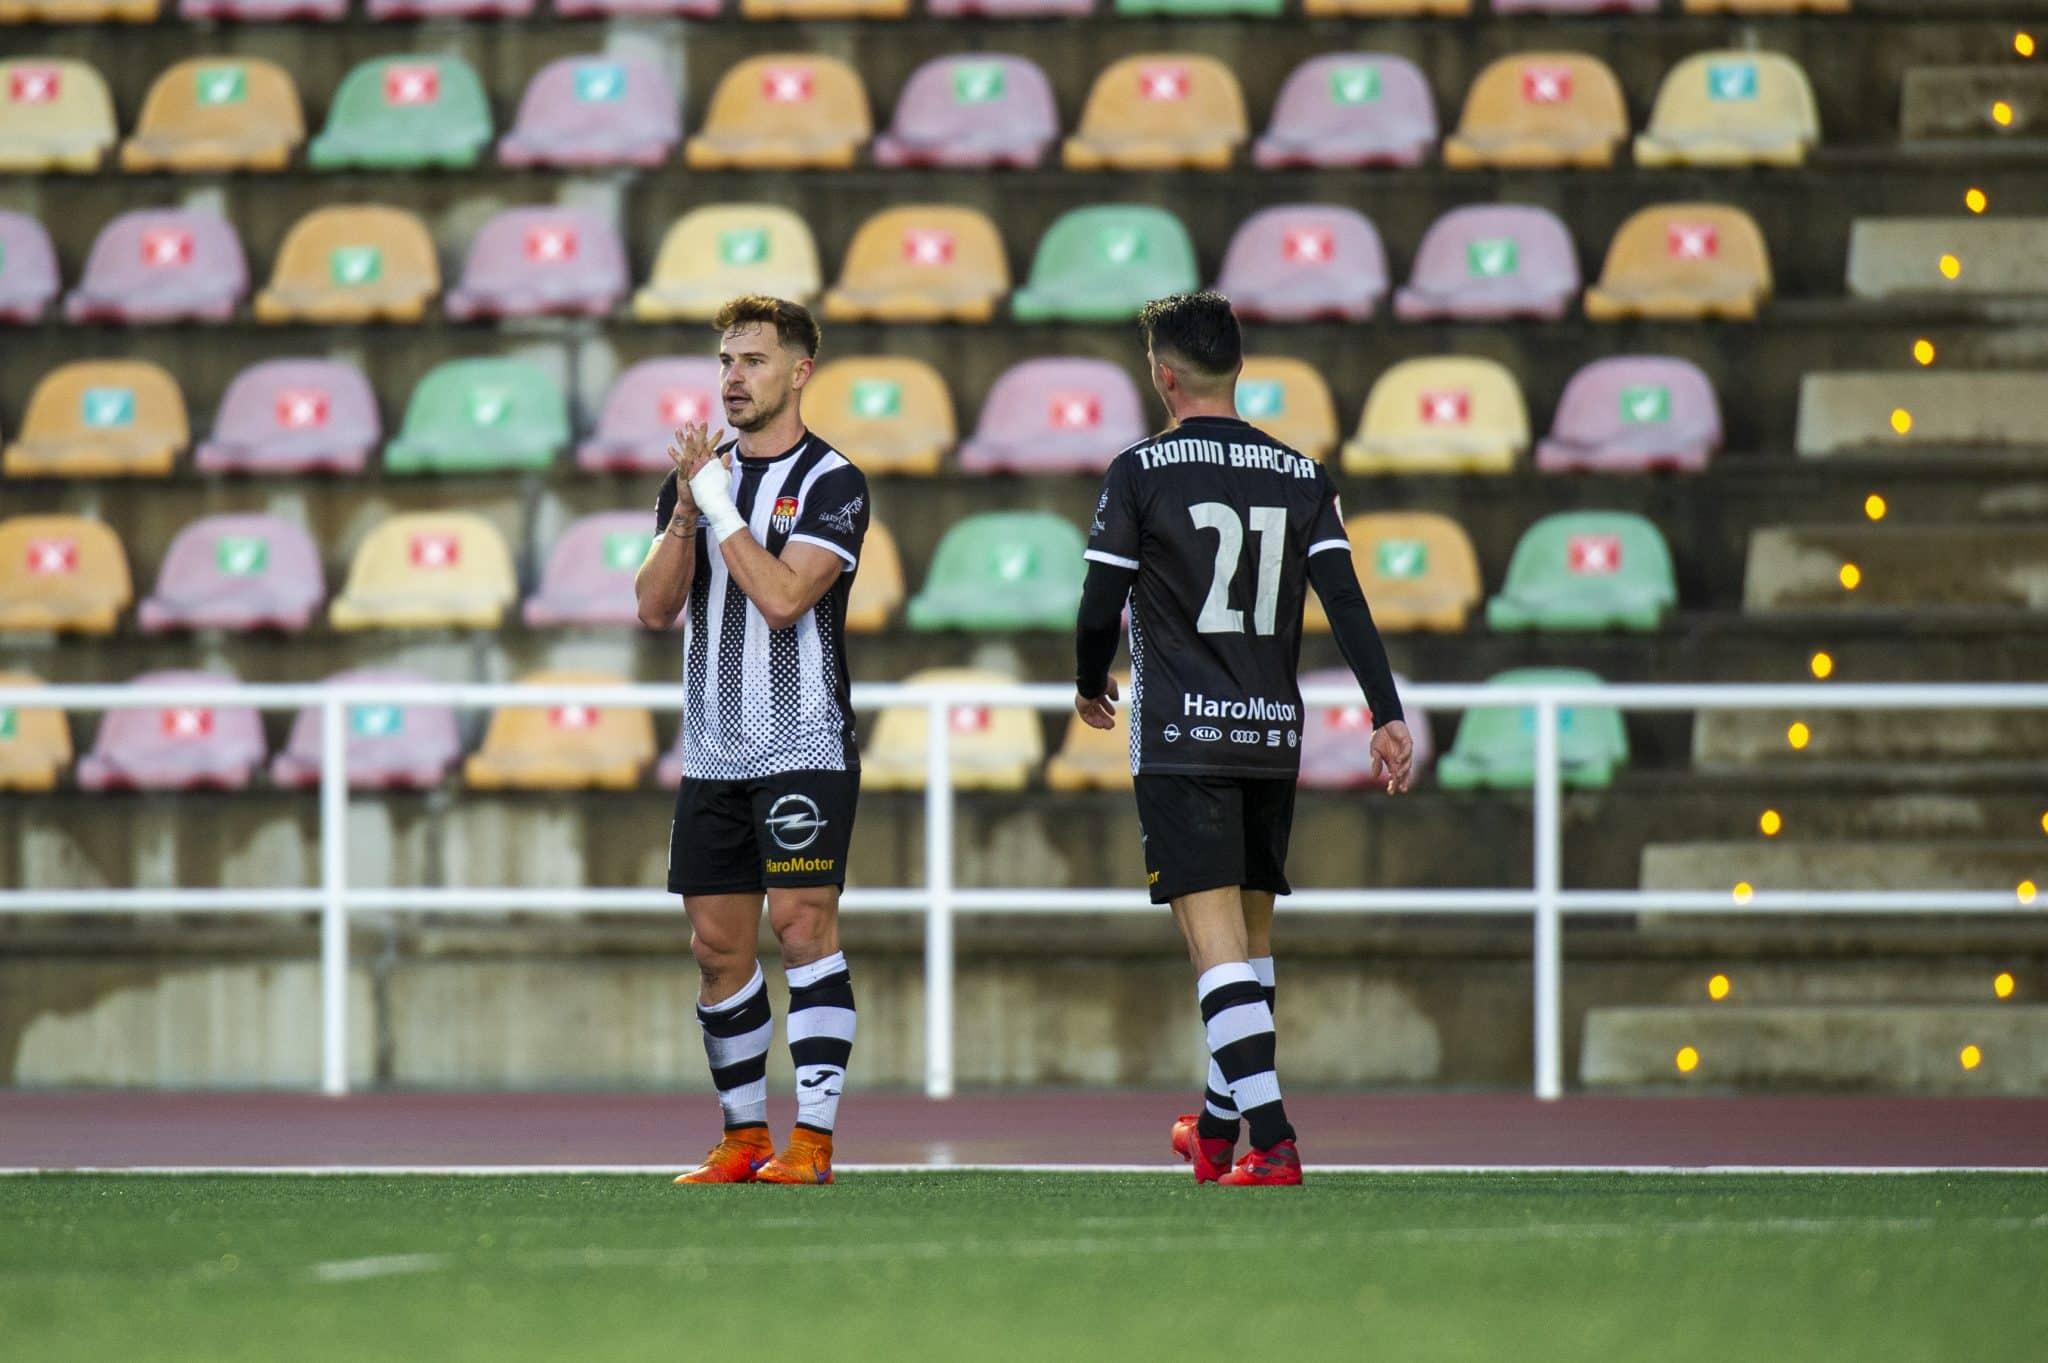 El Haro golea al Izarra en el primer triunfo de la temporada 1